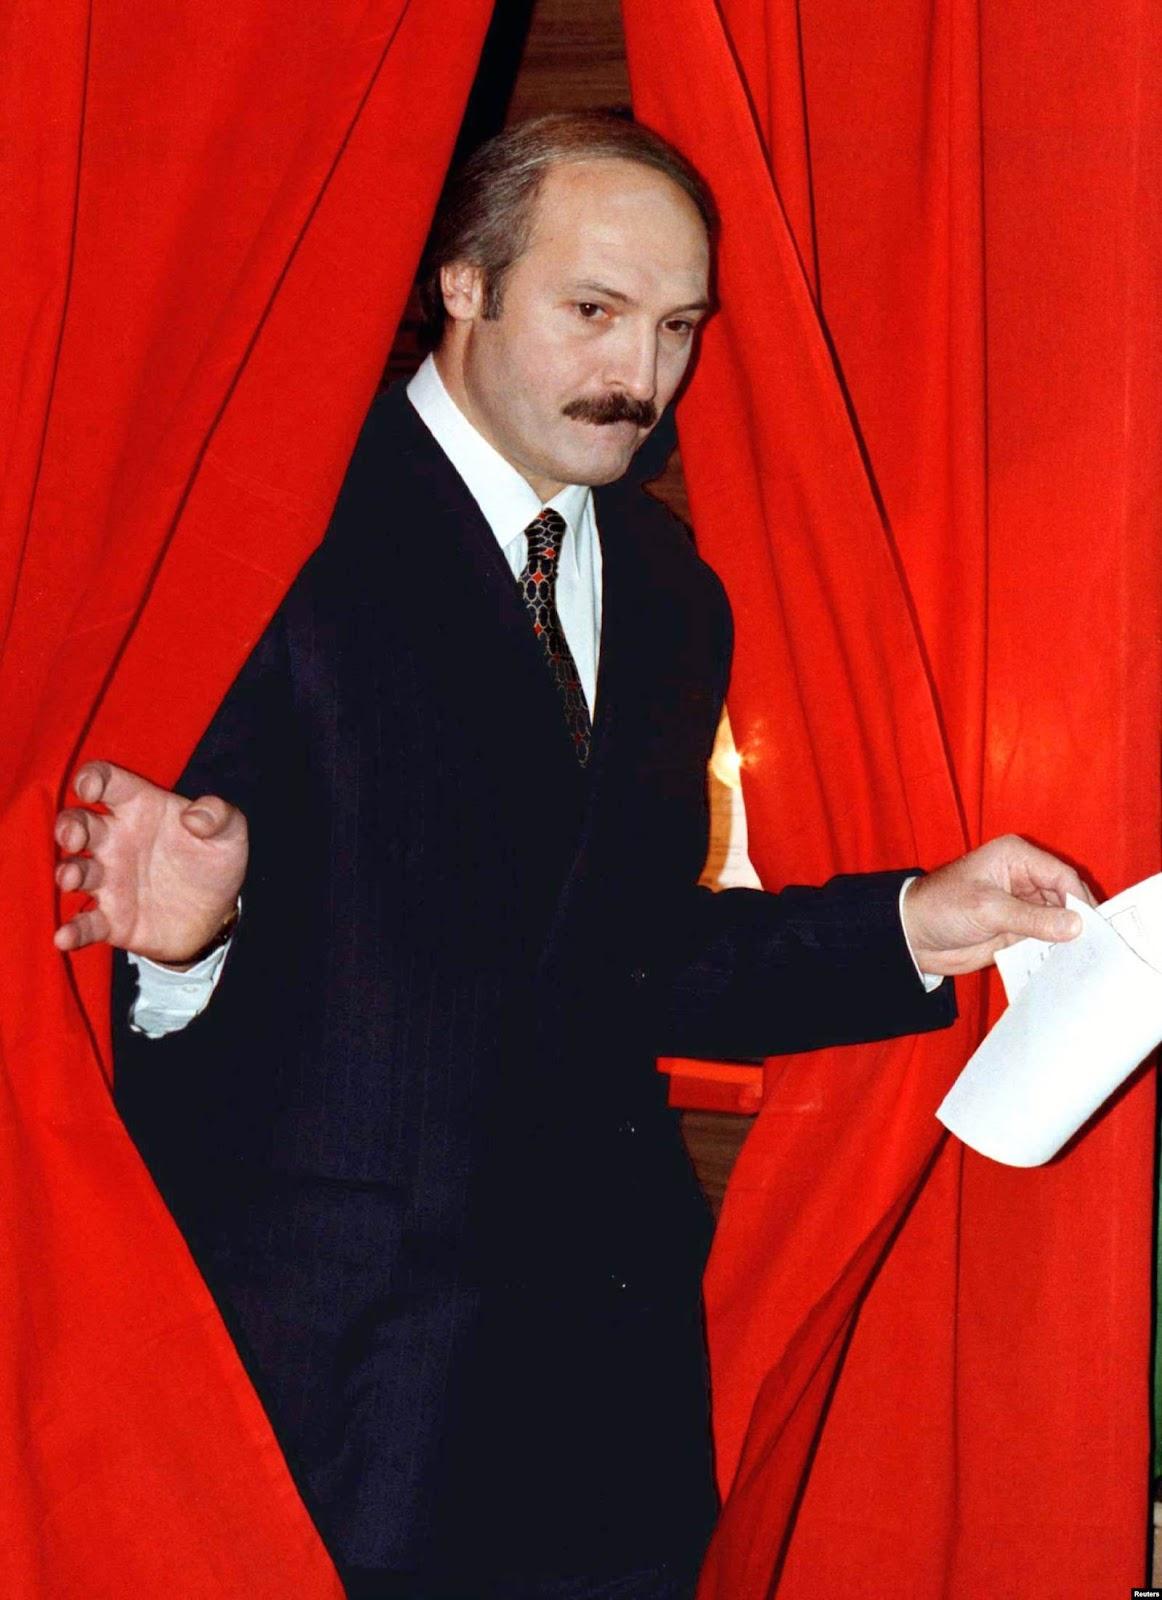 Президент Беларуси Александр Лукашенко выходит из кабины, заполнив бюллетени для голосования на референдуме в Минске 24 ноября 1996 года. Фото: Reuters